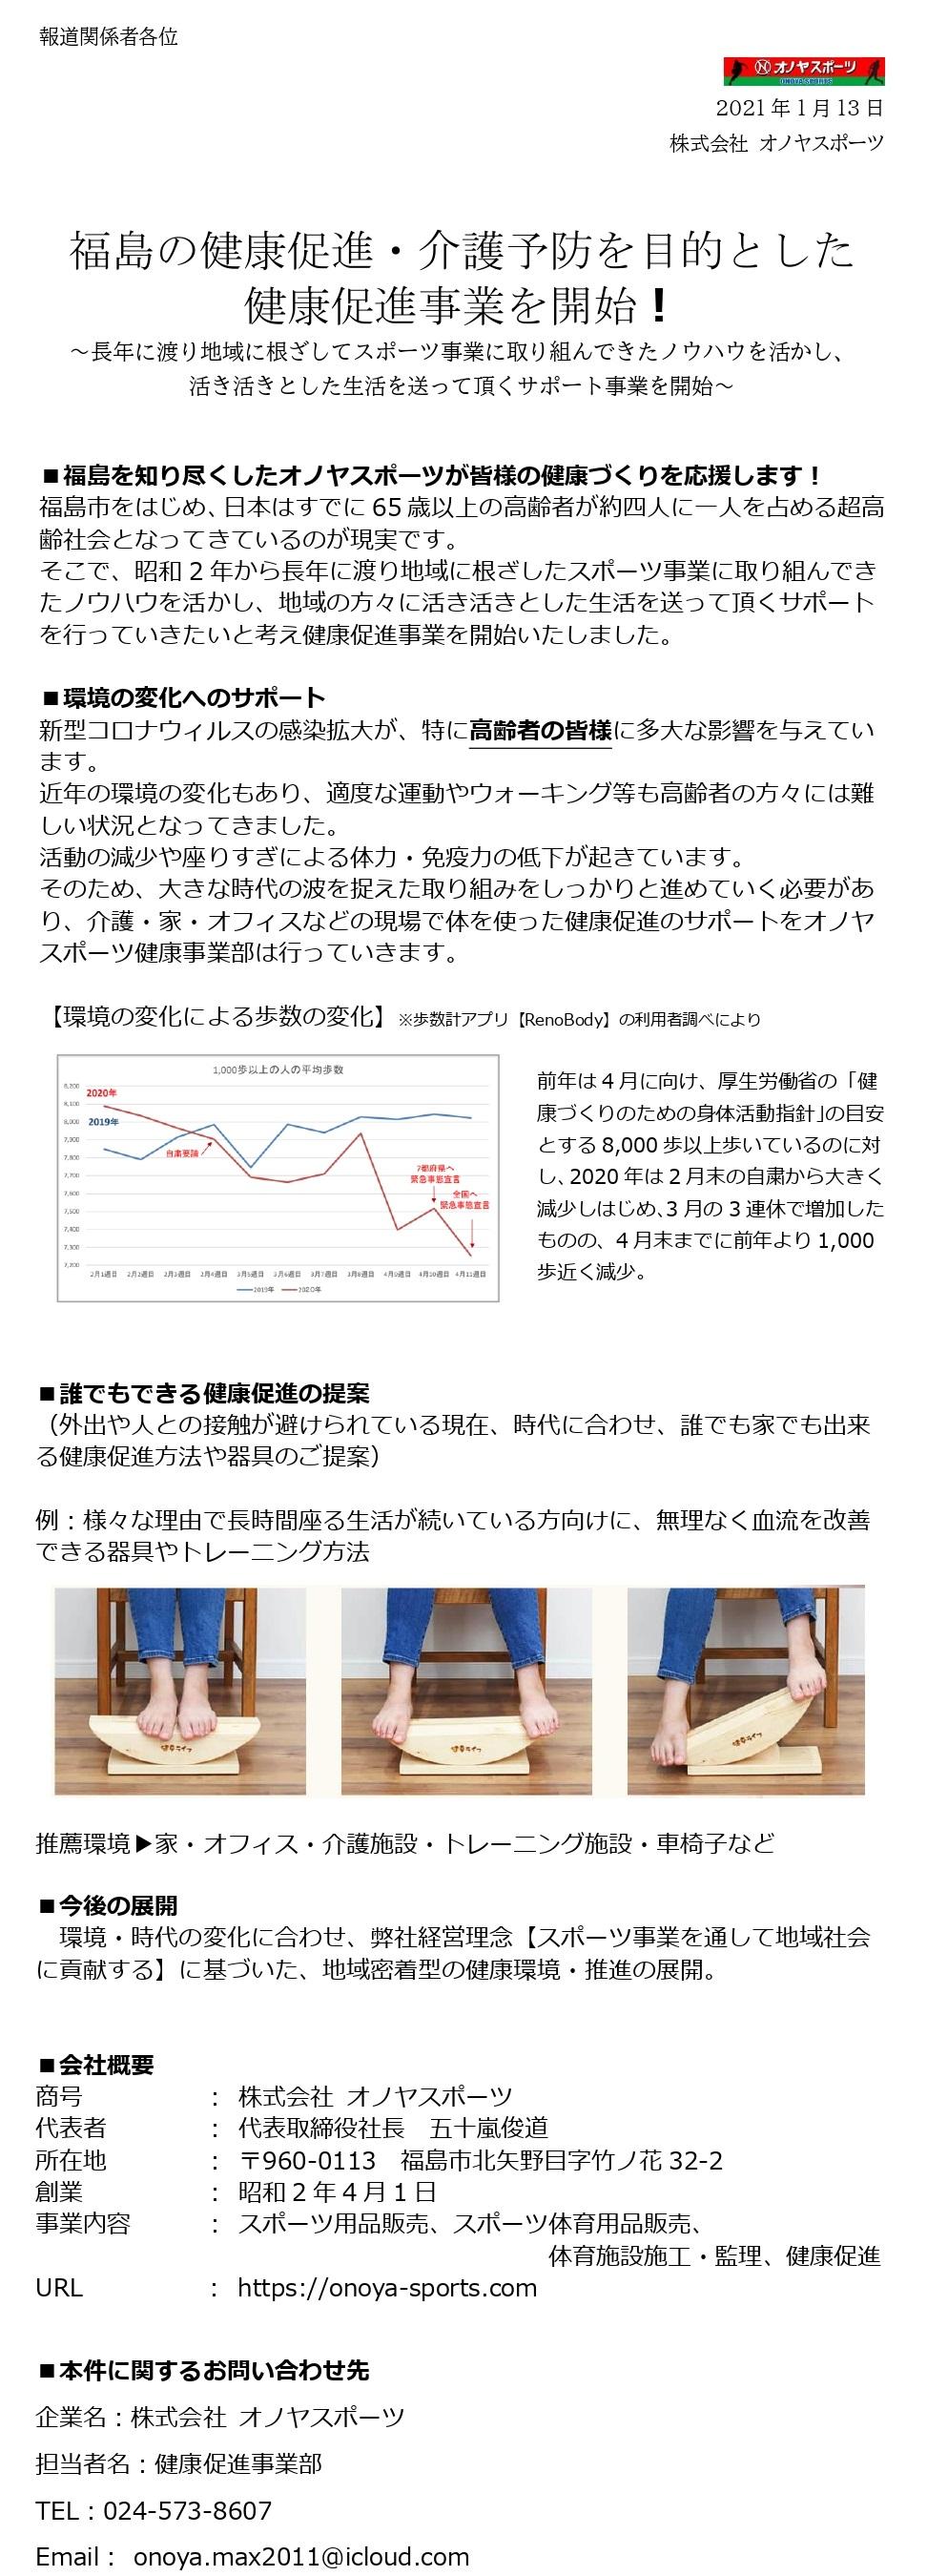 福島の健康促進・介護予防を目的とした健康促進事業を開始!の画像